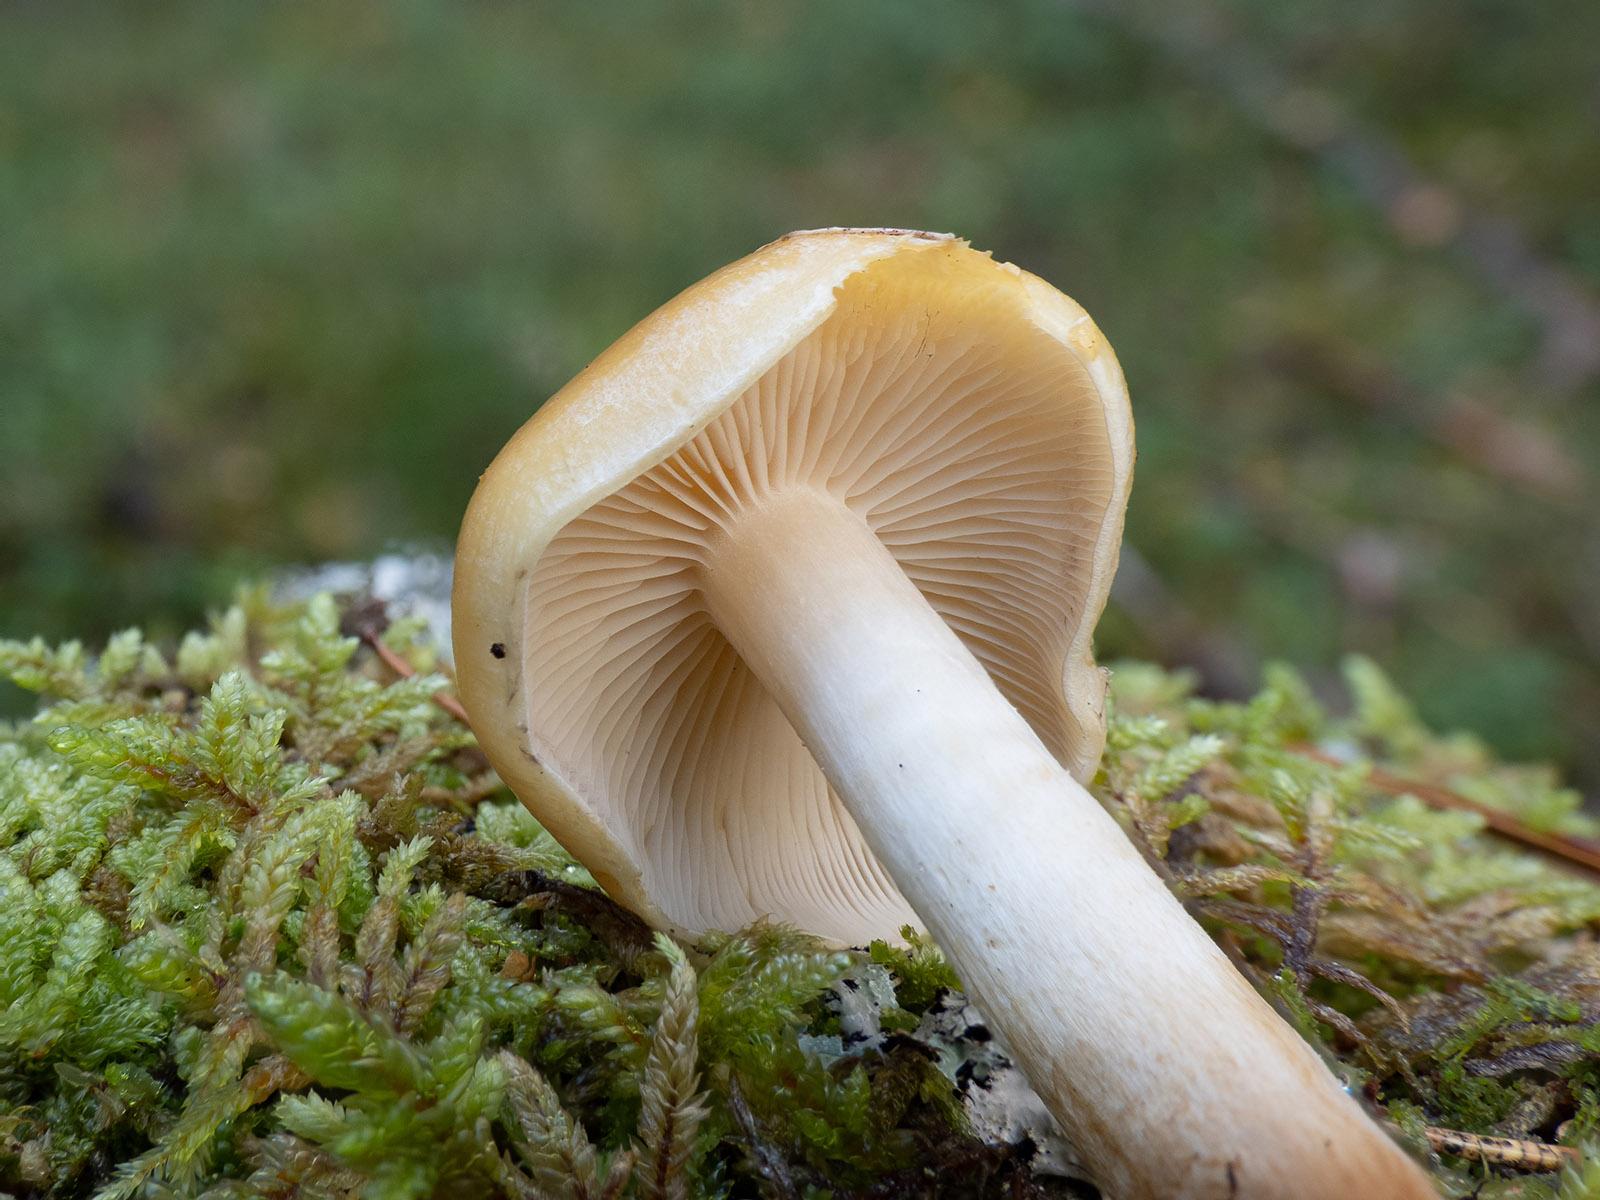 Опёнок серопластинчатый (Hypholoma capnoides) Автор фото: Сутормина Марина